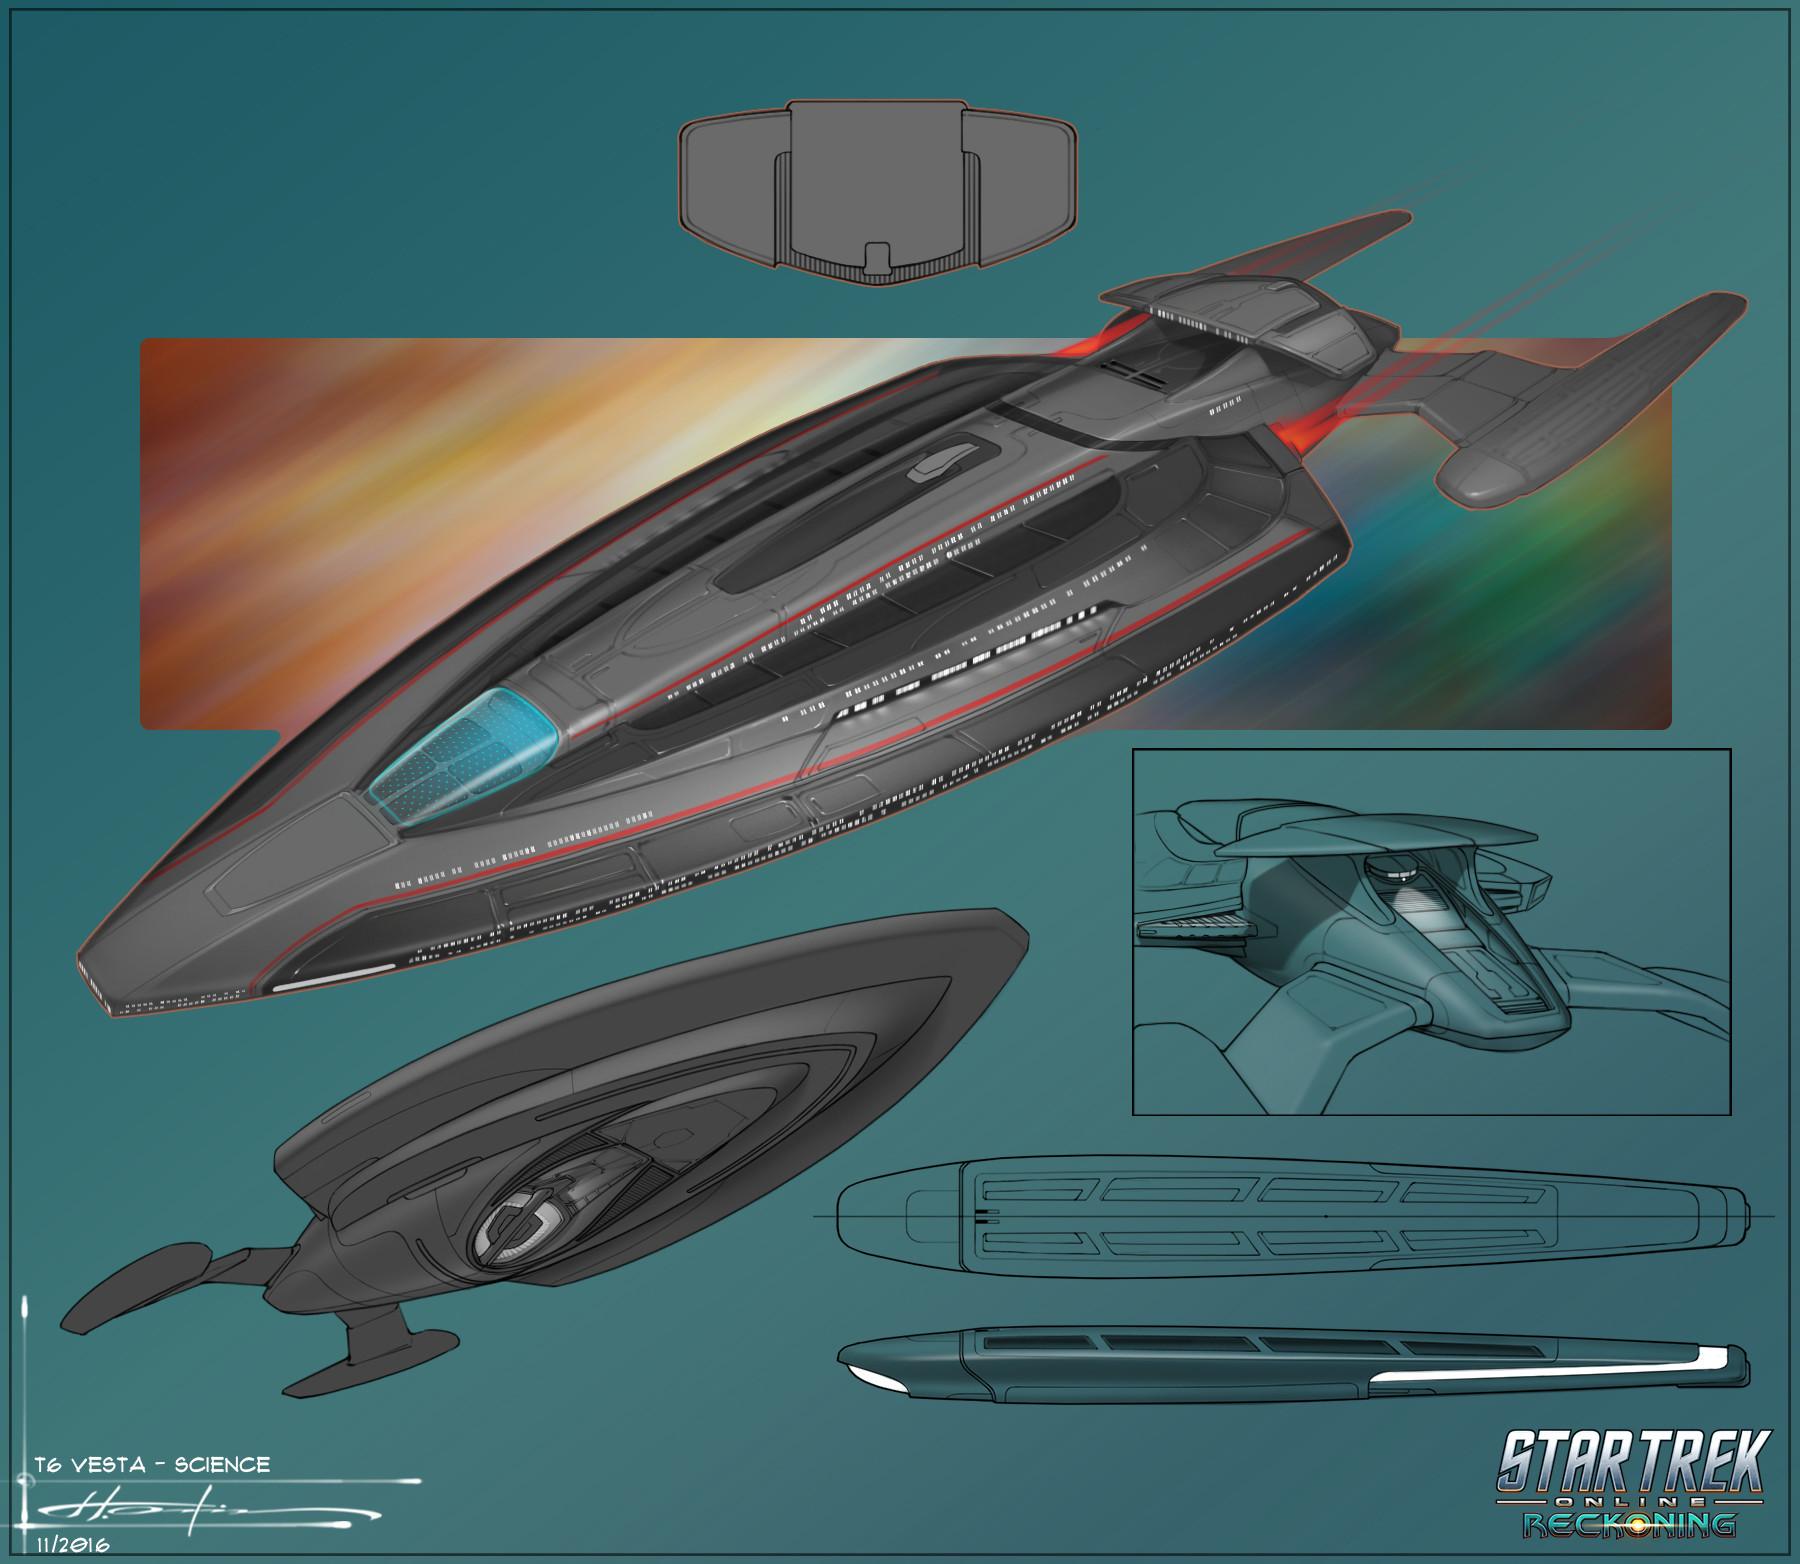 Artstation multi mission surveillance explorer t6 for Wohnung star trek design